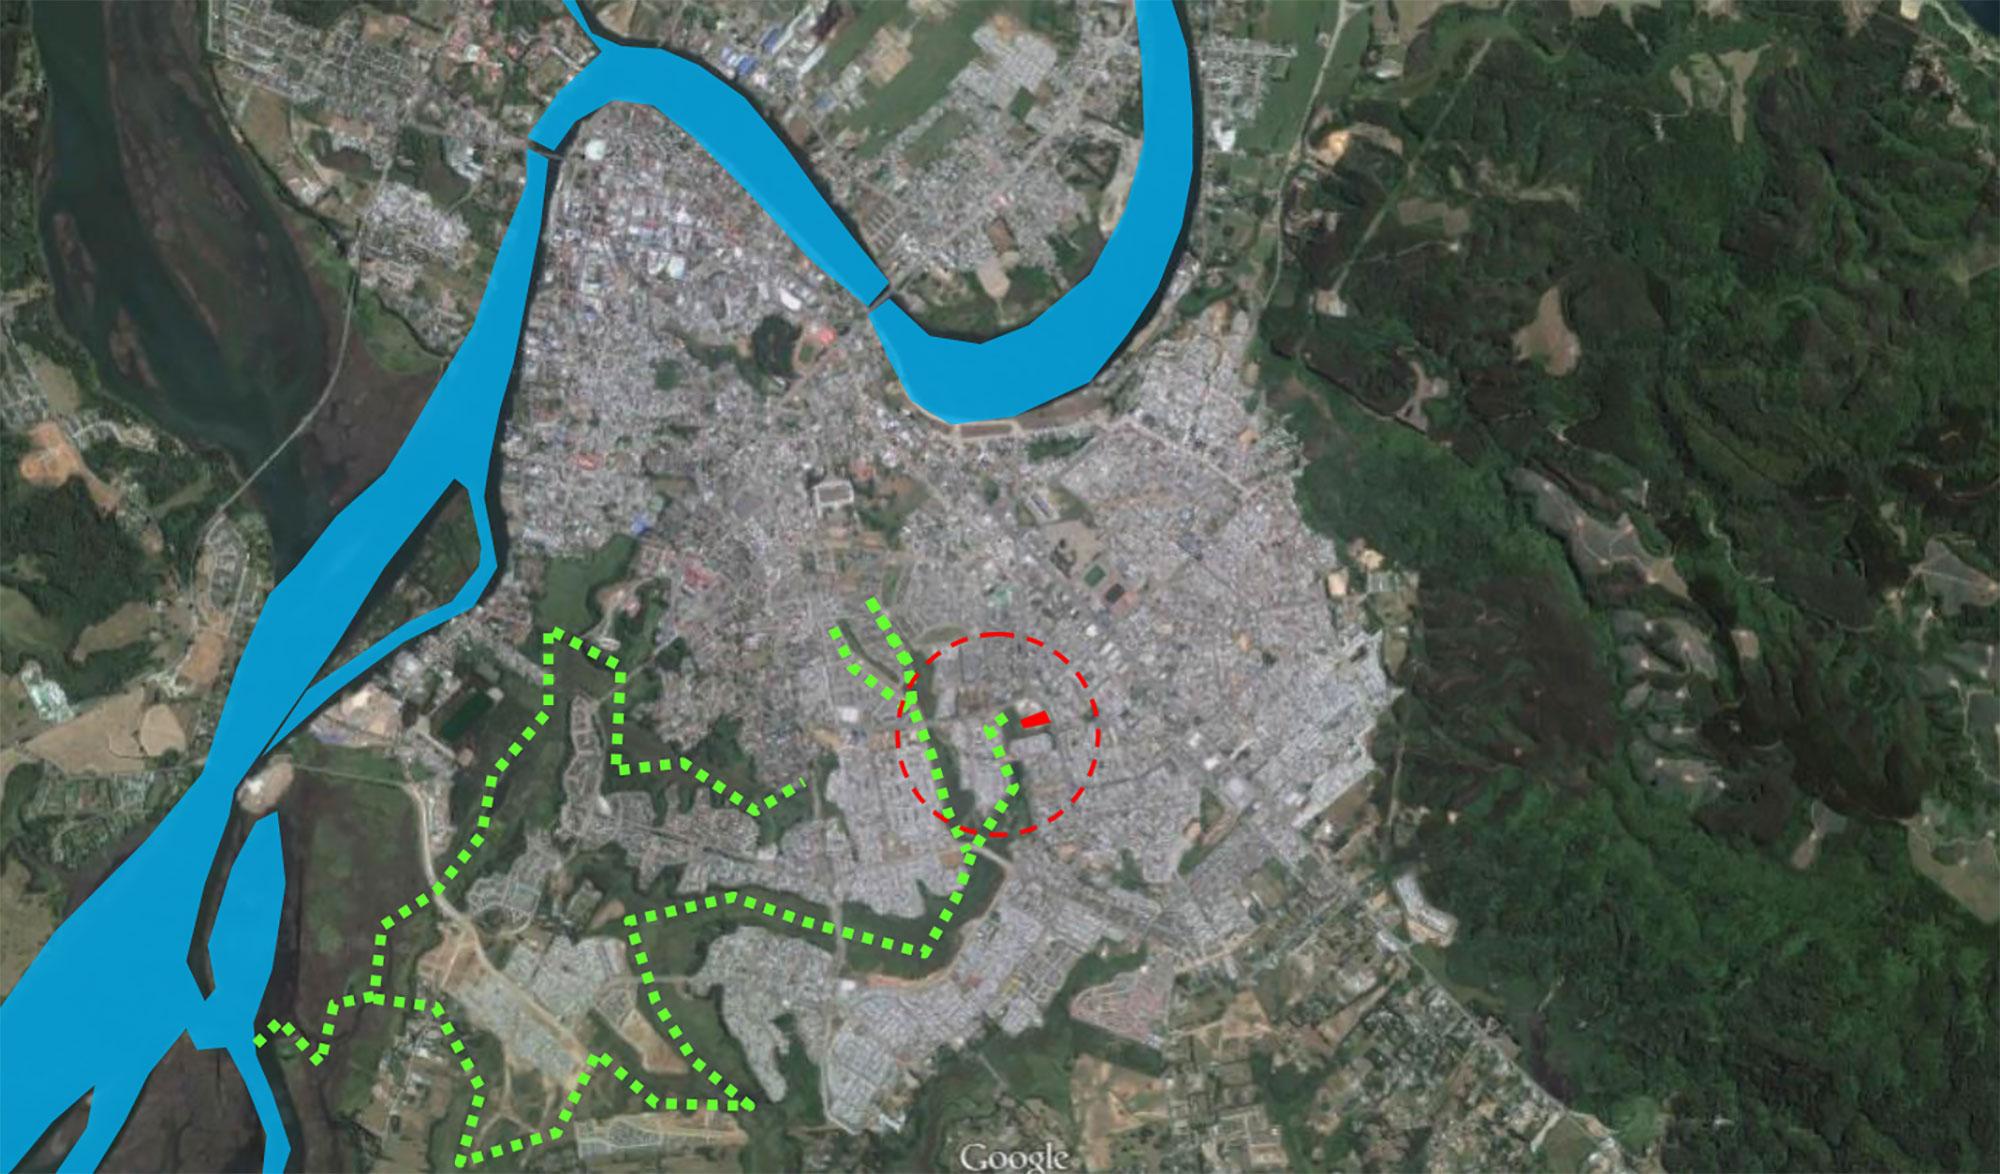 Fig. 02:Vista de la ciudad de Valdivia desde el aire | Terreno y afluentes verdes.